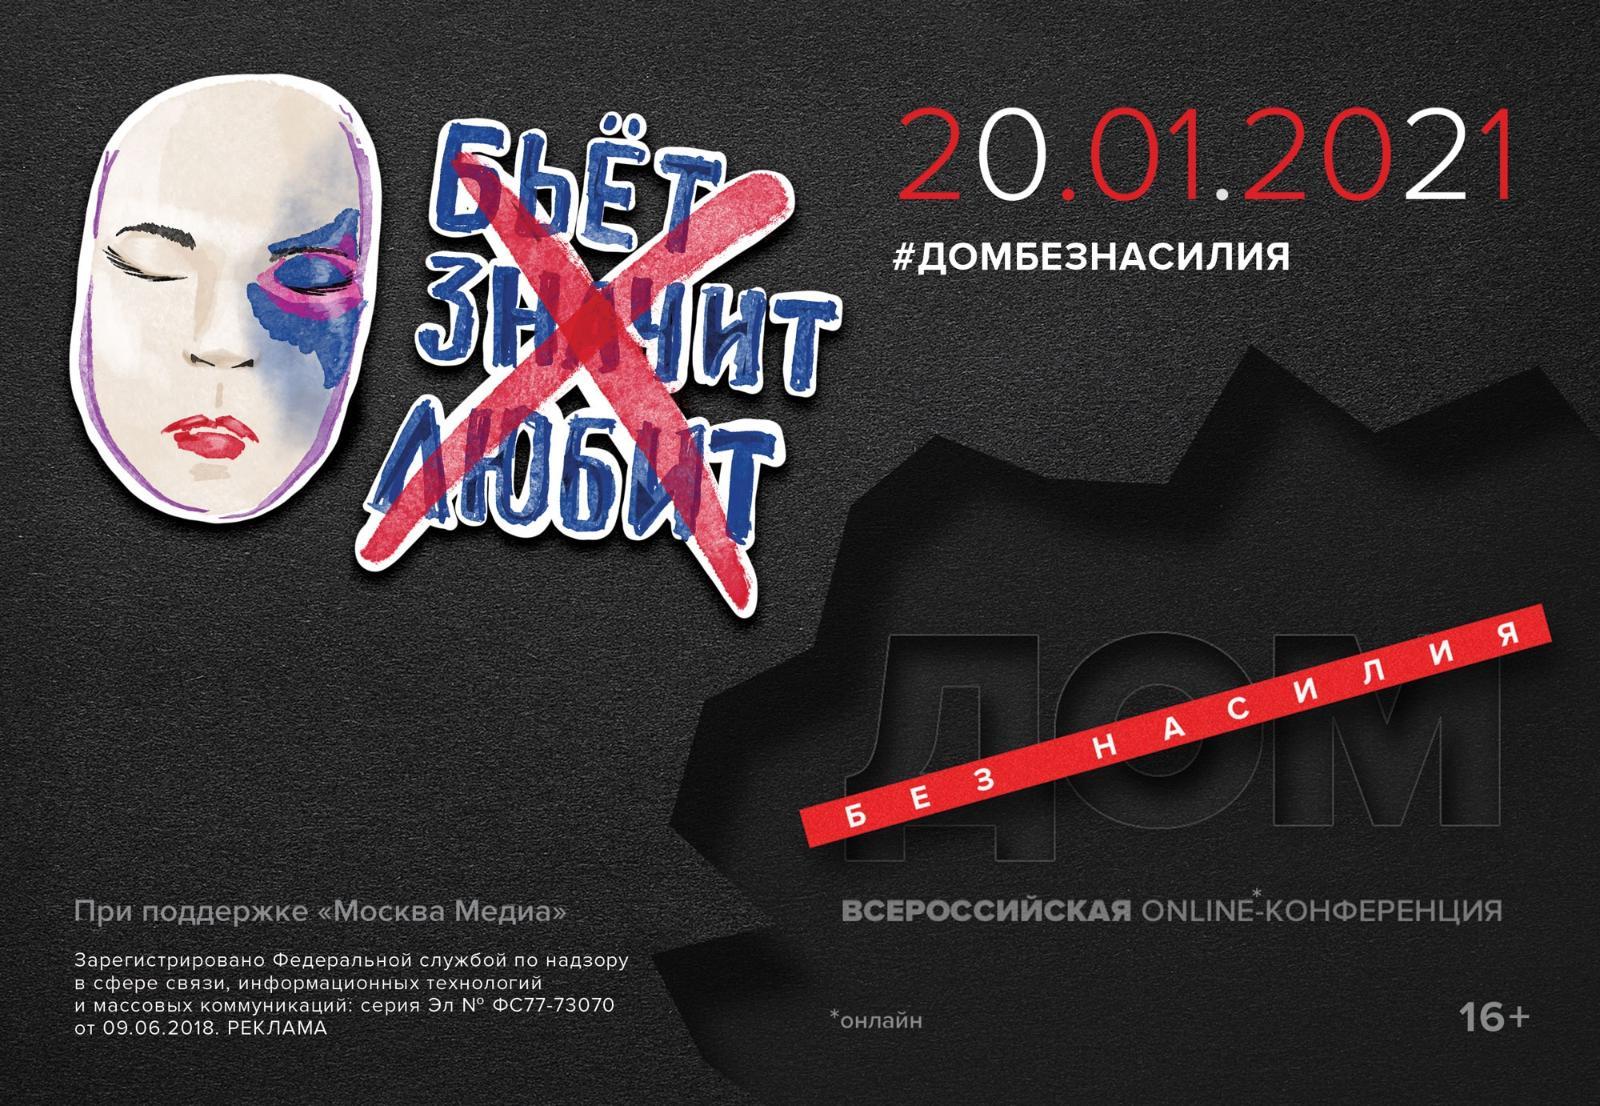 Москва 24 проведет онлайн-конференцию, посвященную теме домашнего насилия